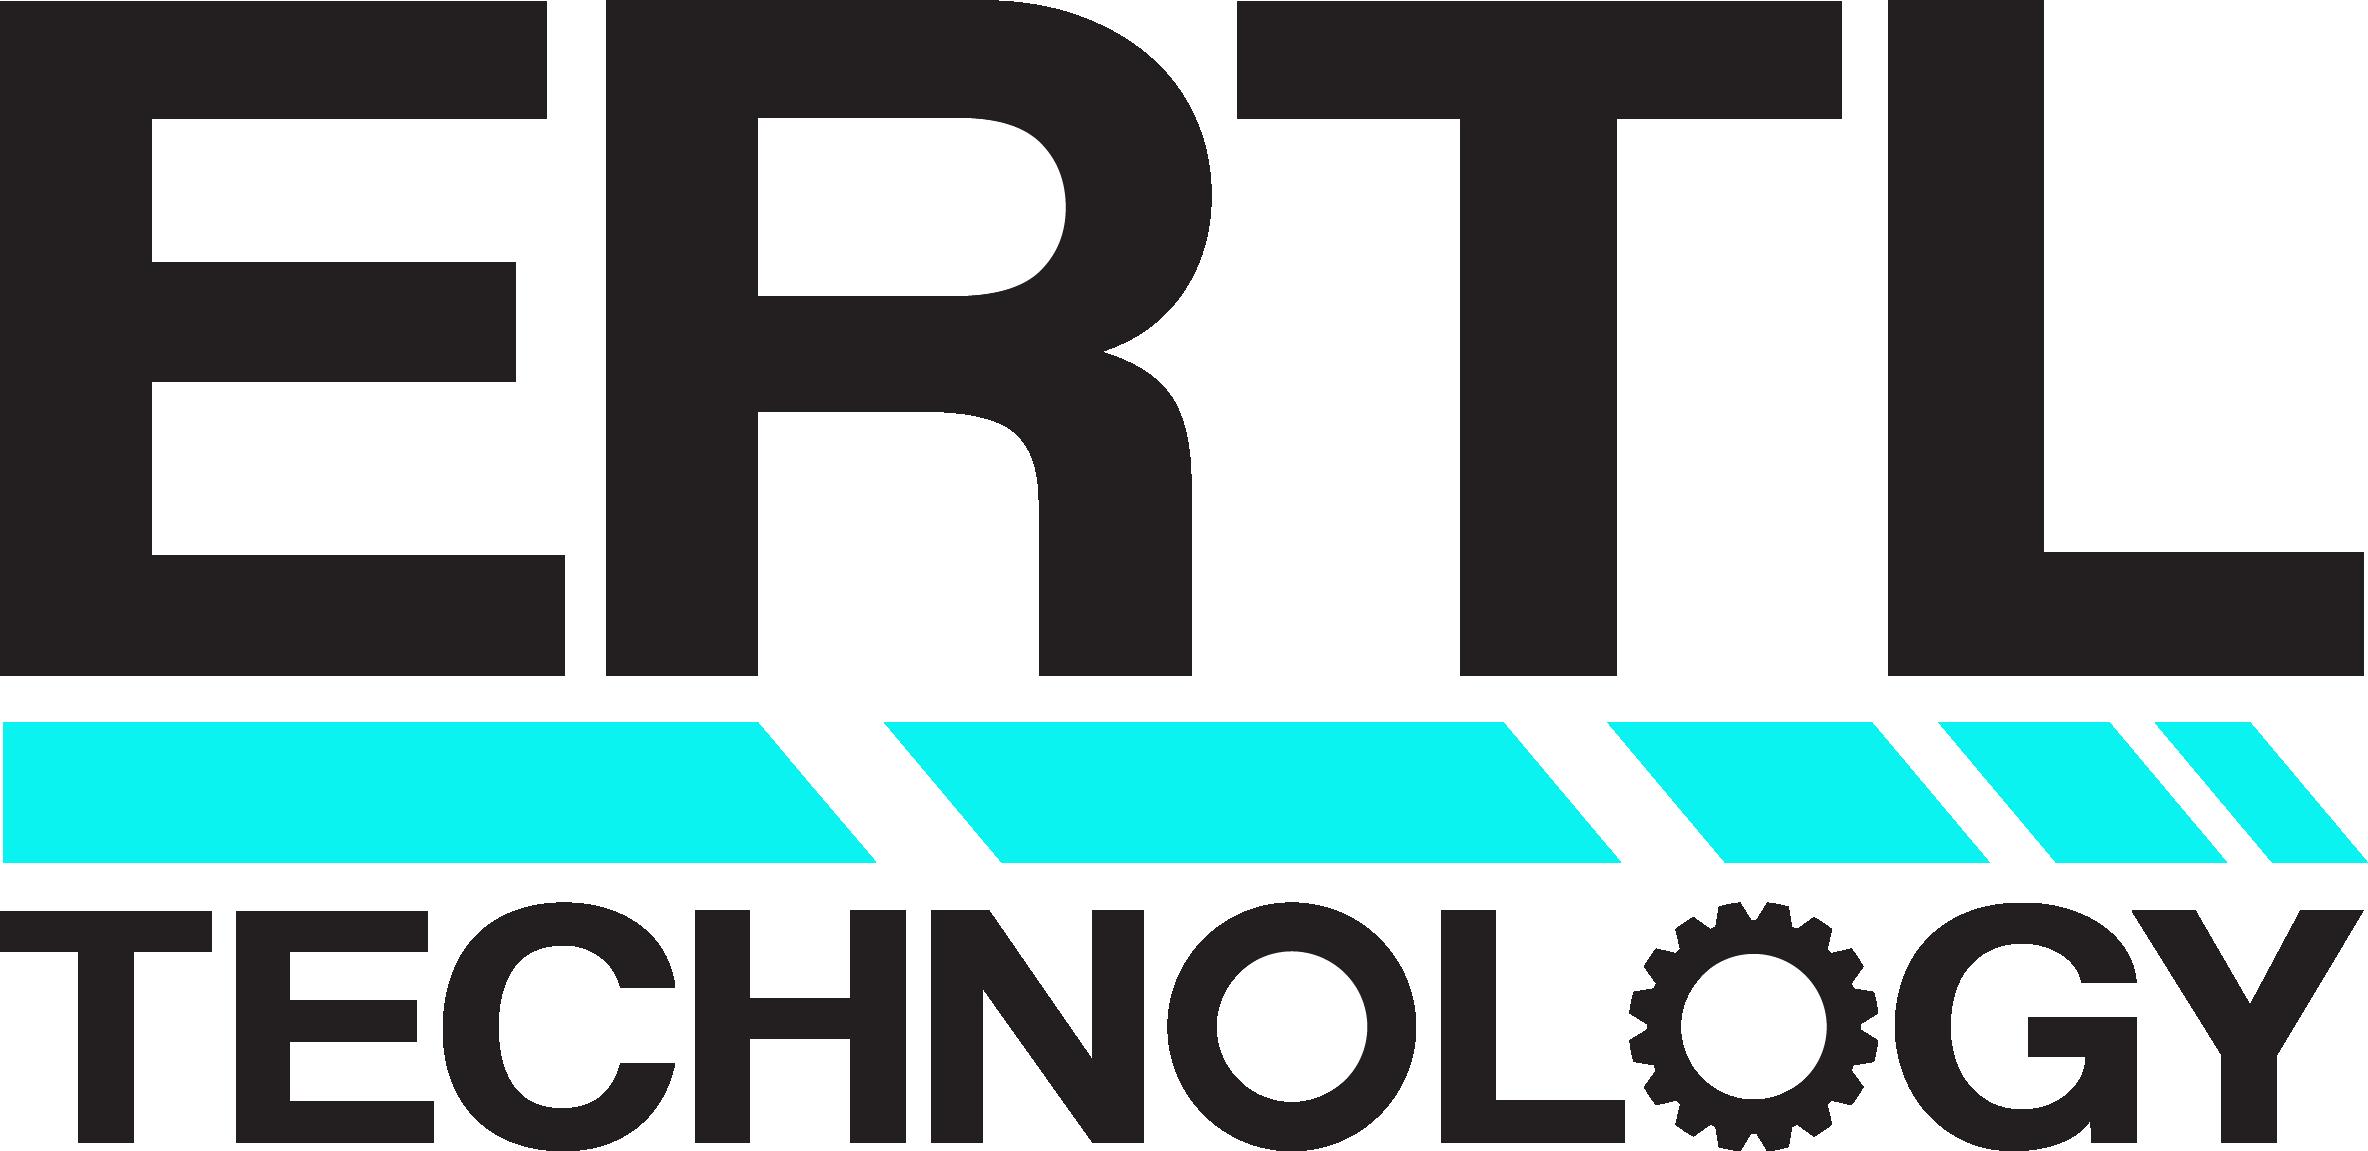 Ertl Technology